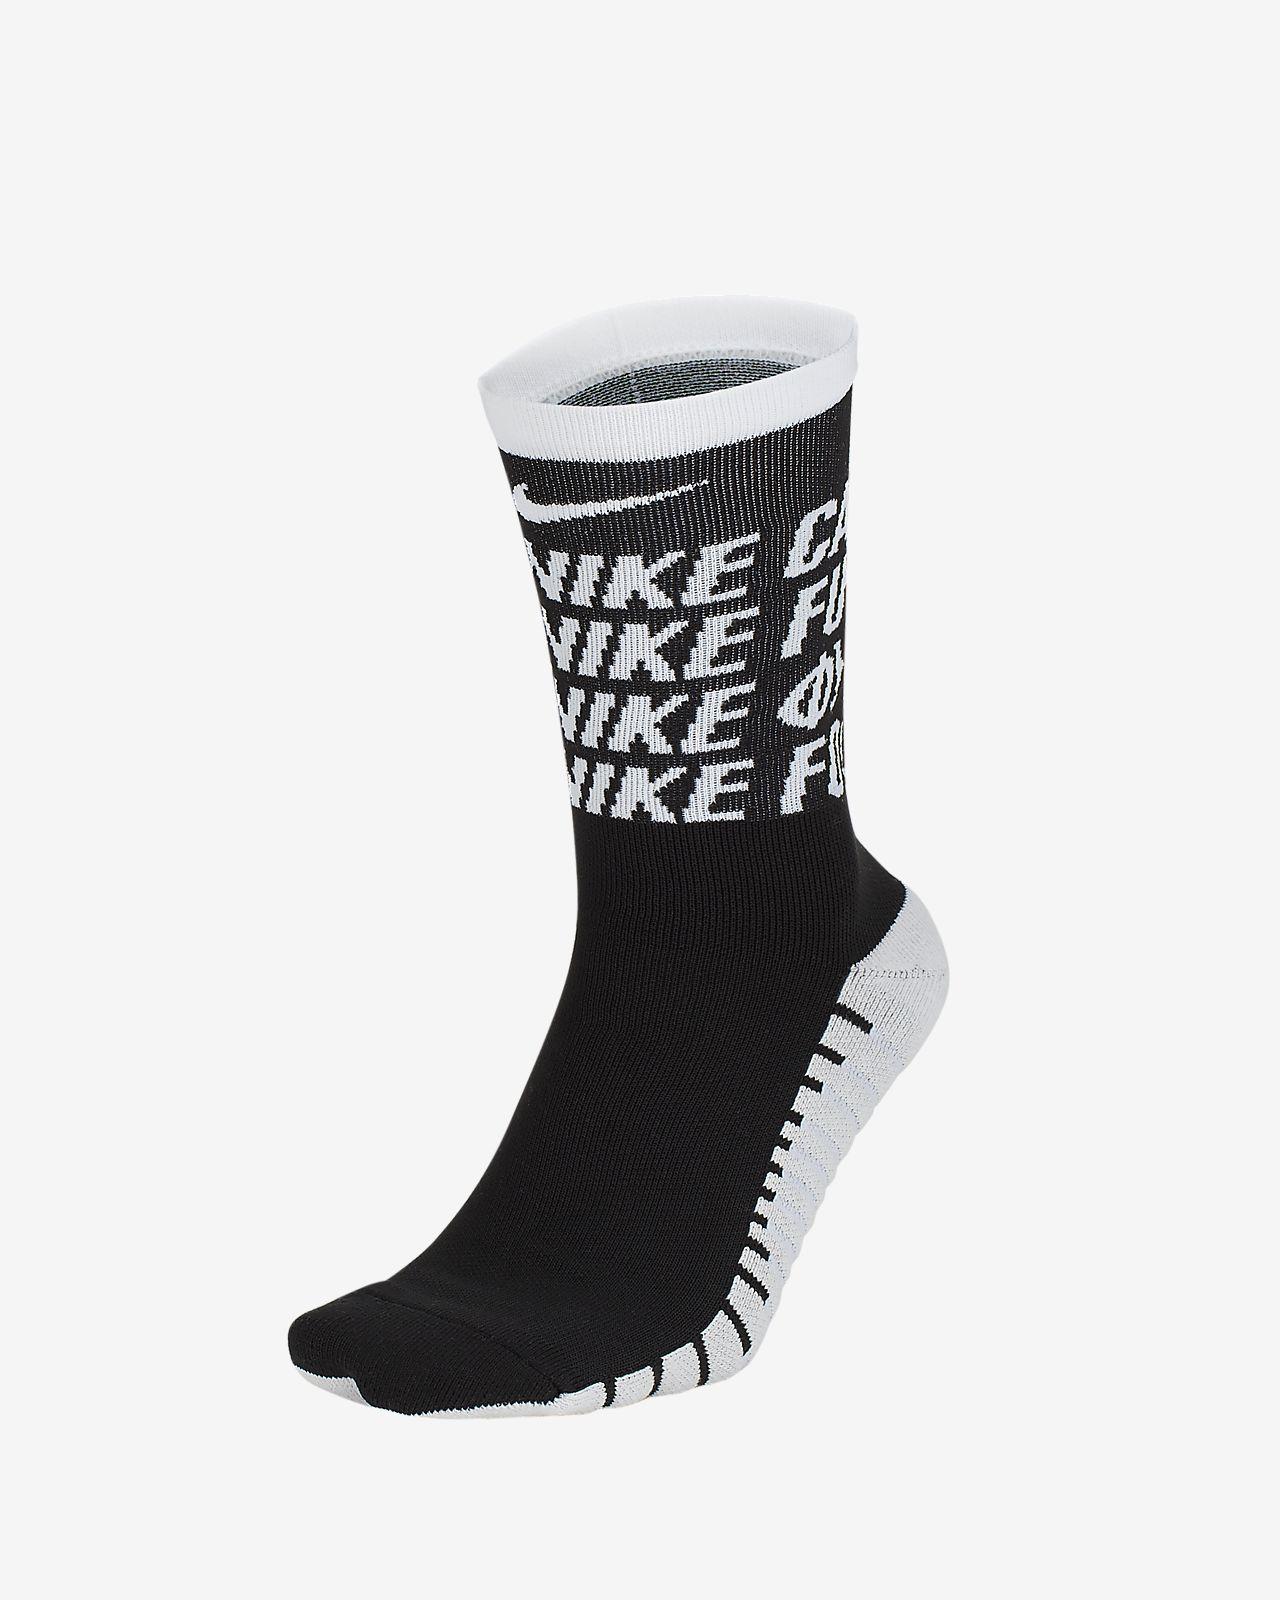 Футбольные носки до середины голени Nike F.C. Squad